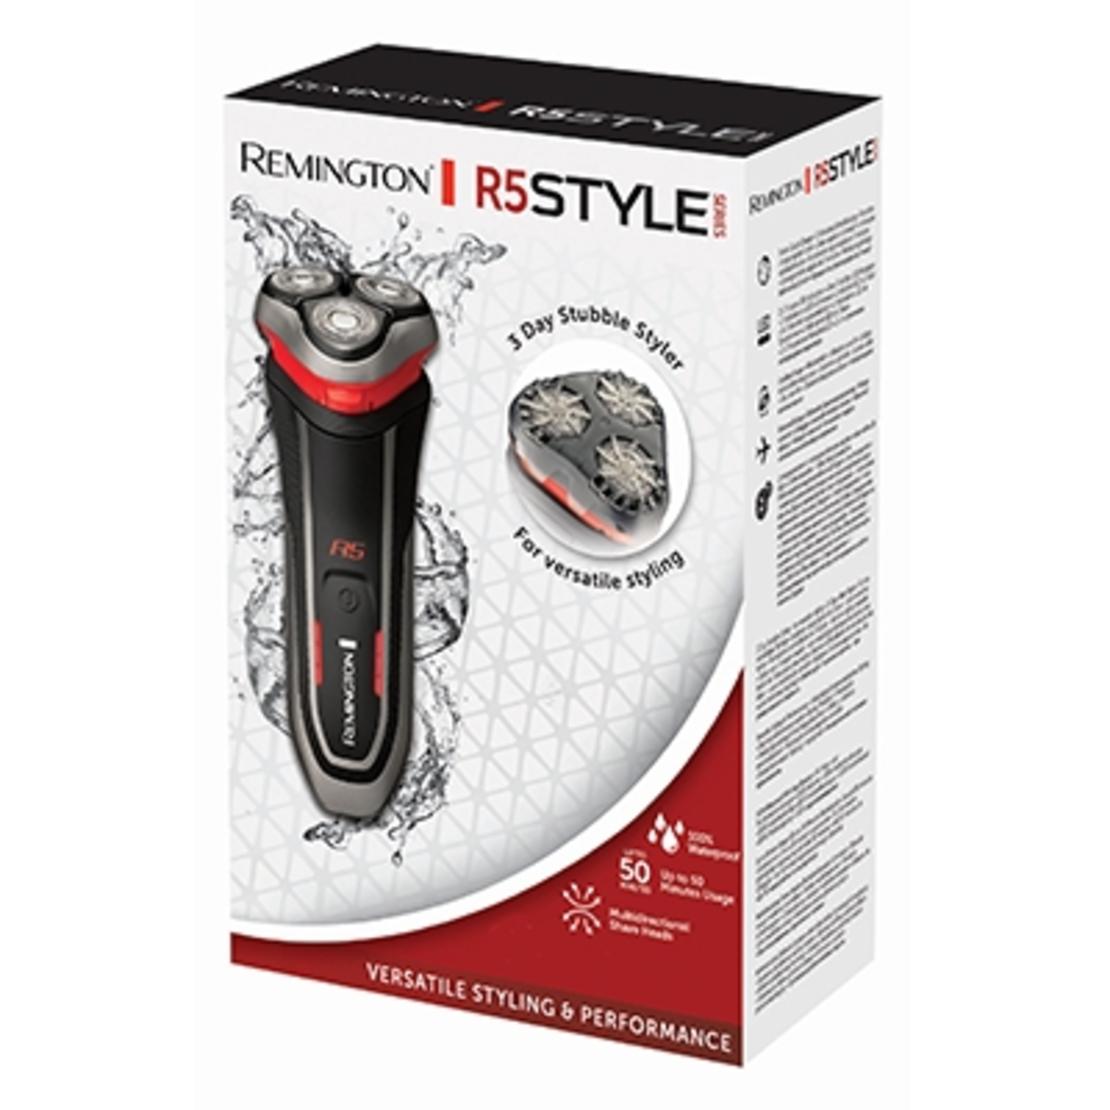 מכונת גילוח STYLE R5 R5000